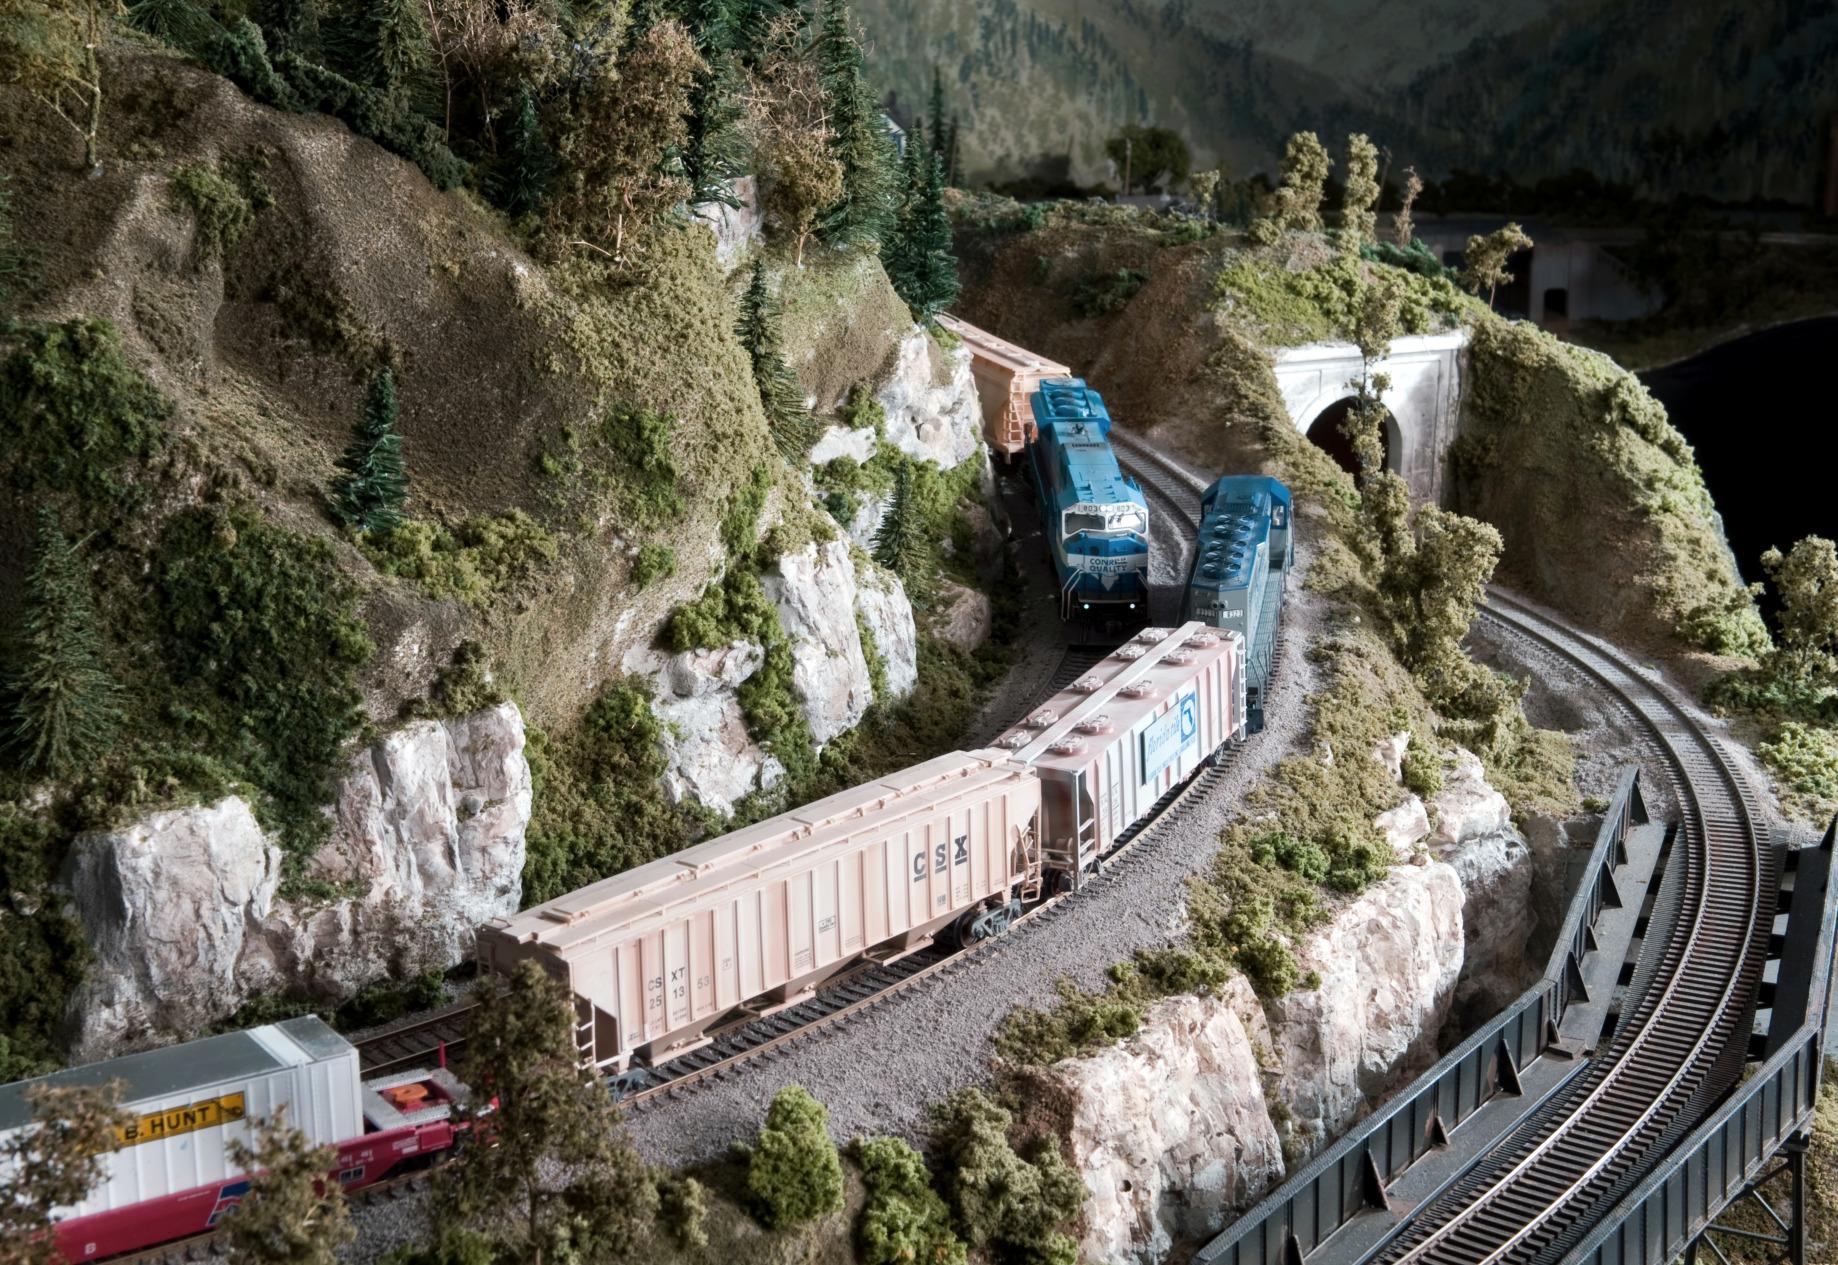 Model Train design